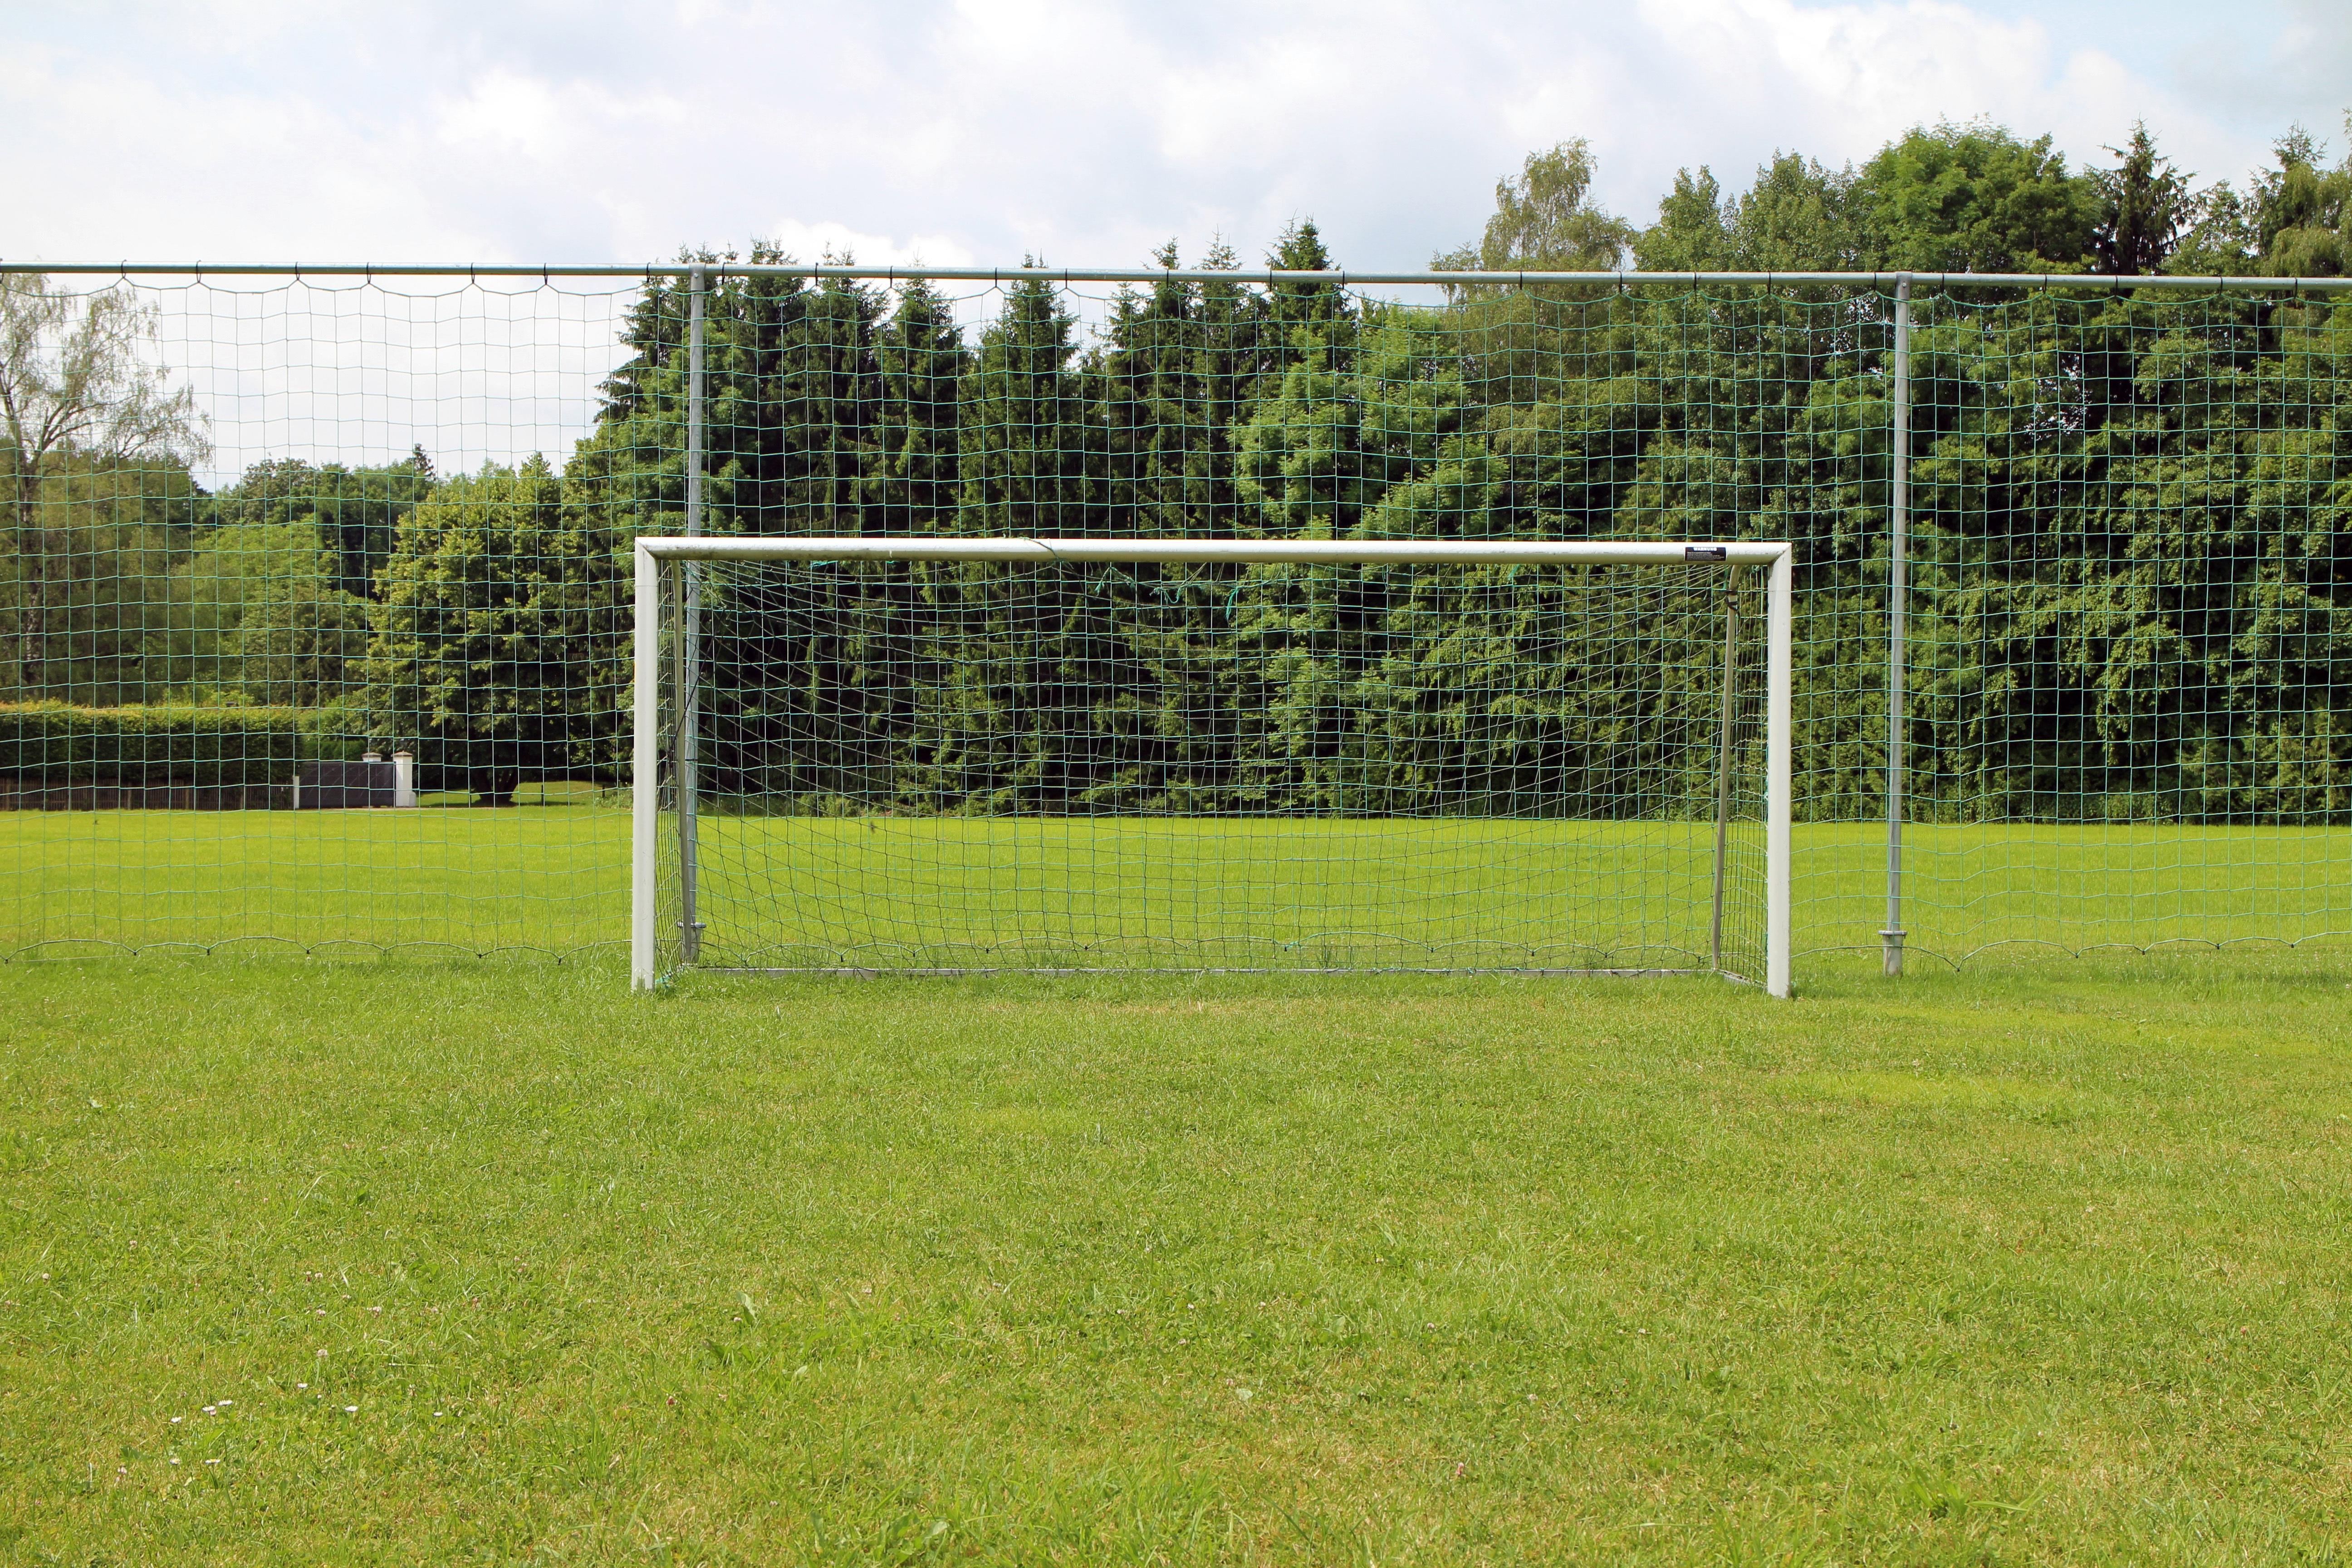 Картинка ворота футбольного поля